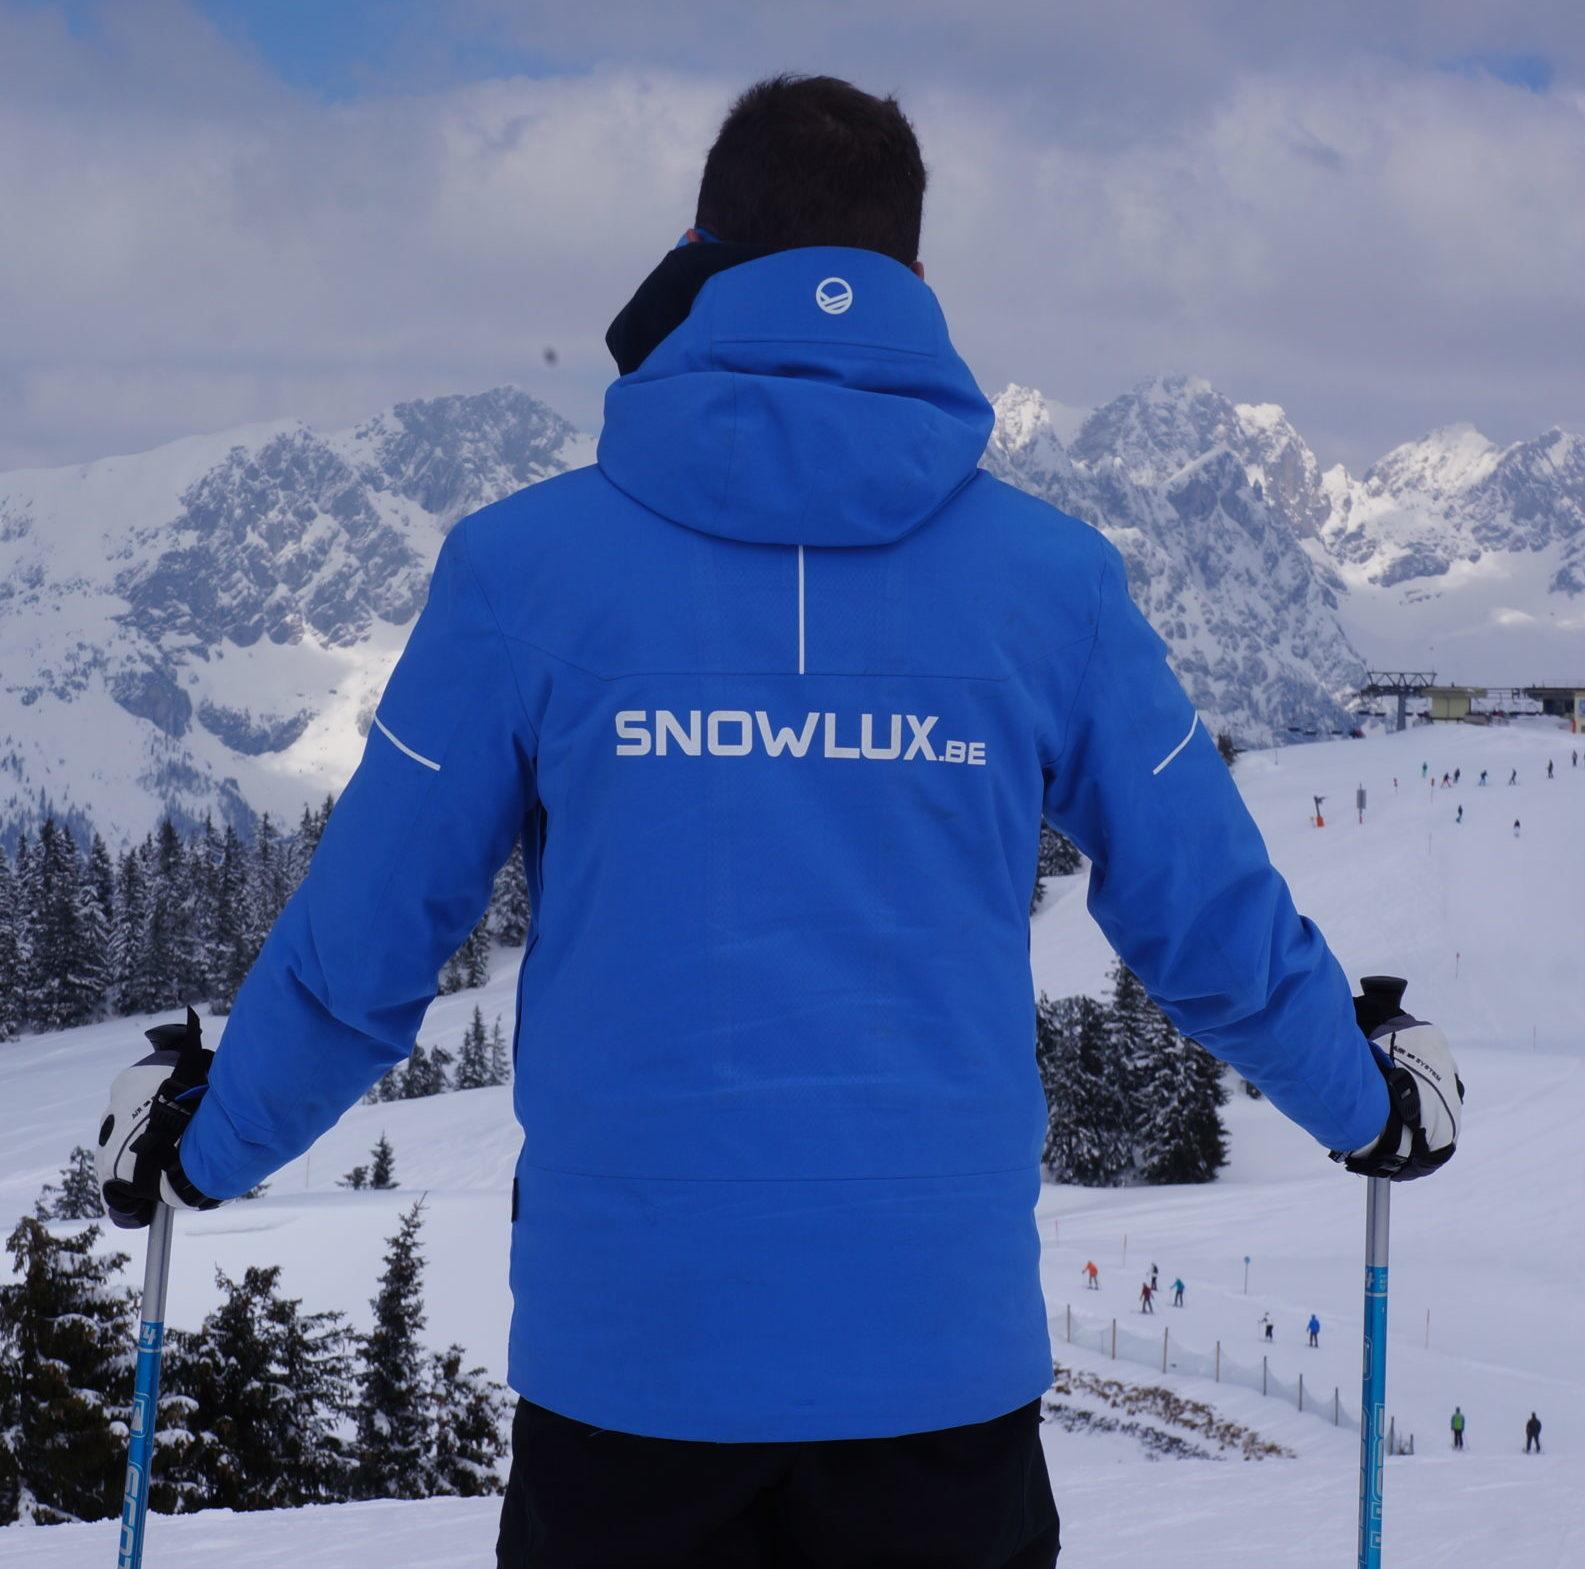 skireizen op maat